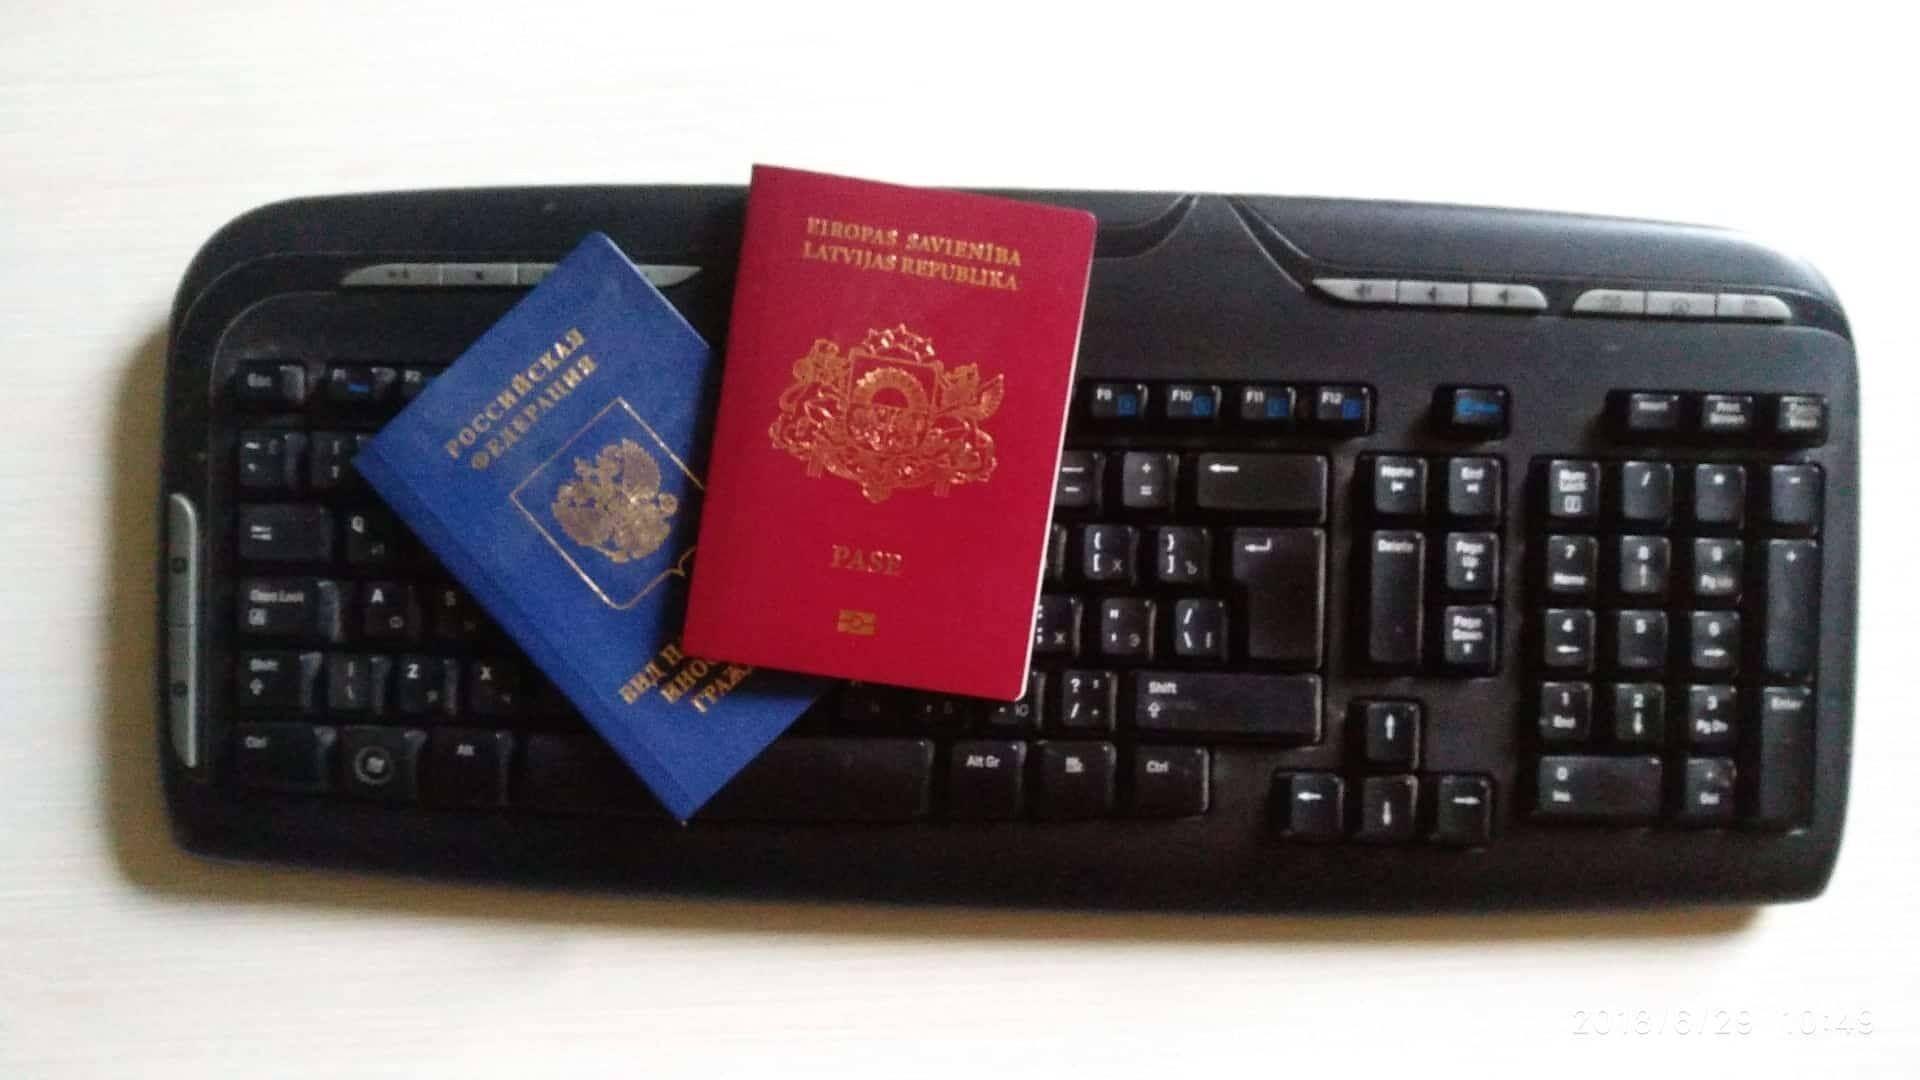 Паспорт гражданина Латвийской республики и вид на жительство иностранного гражданина РФ - Sputnik Латвия, 1920, 12.03.2021